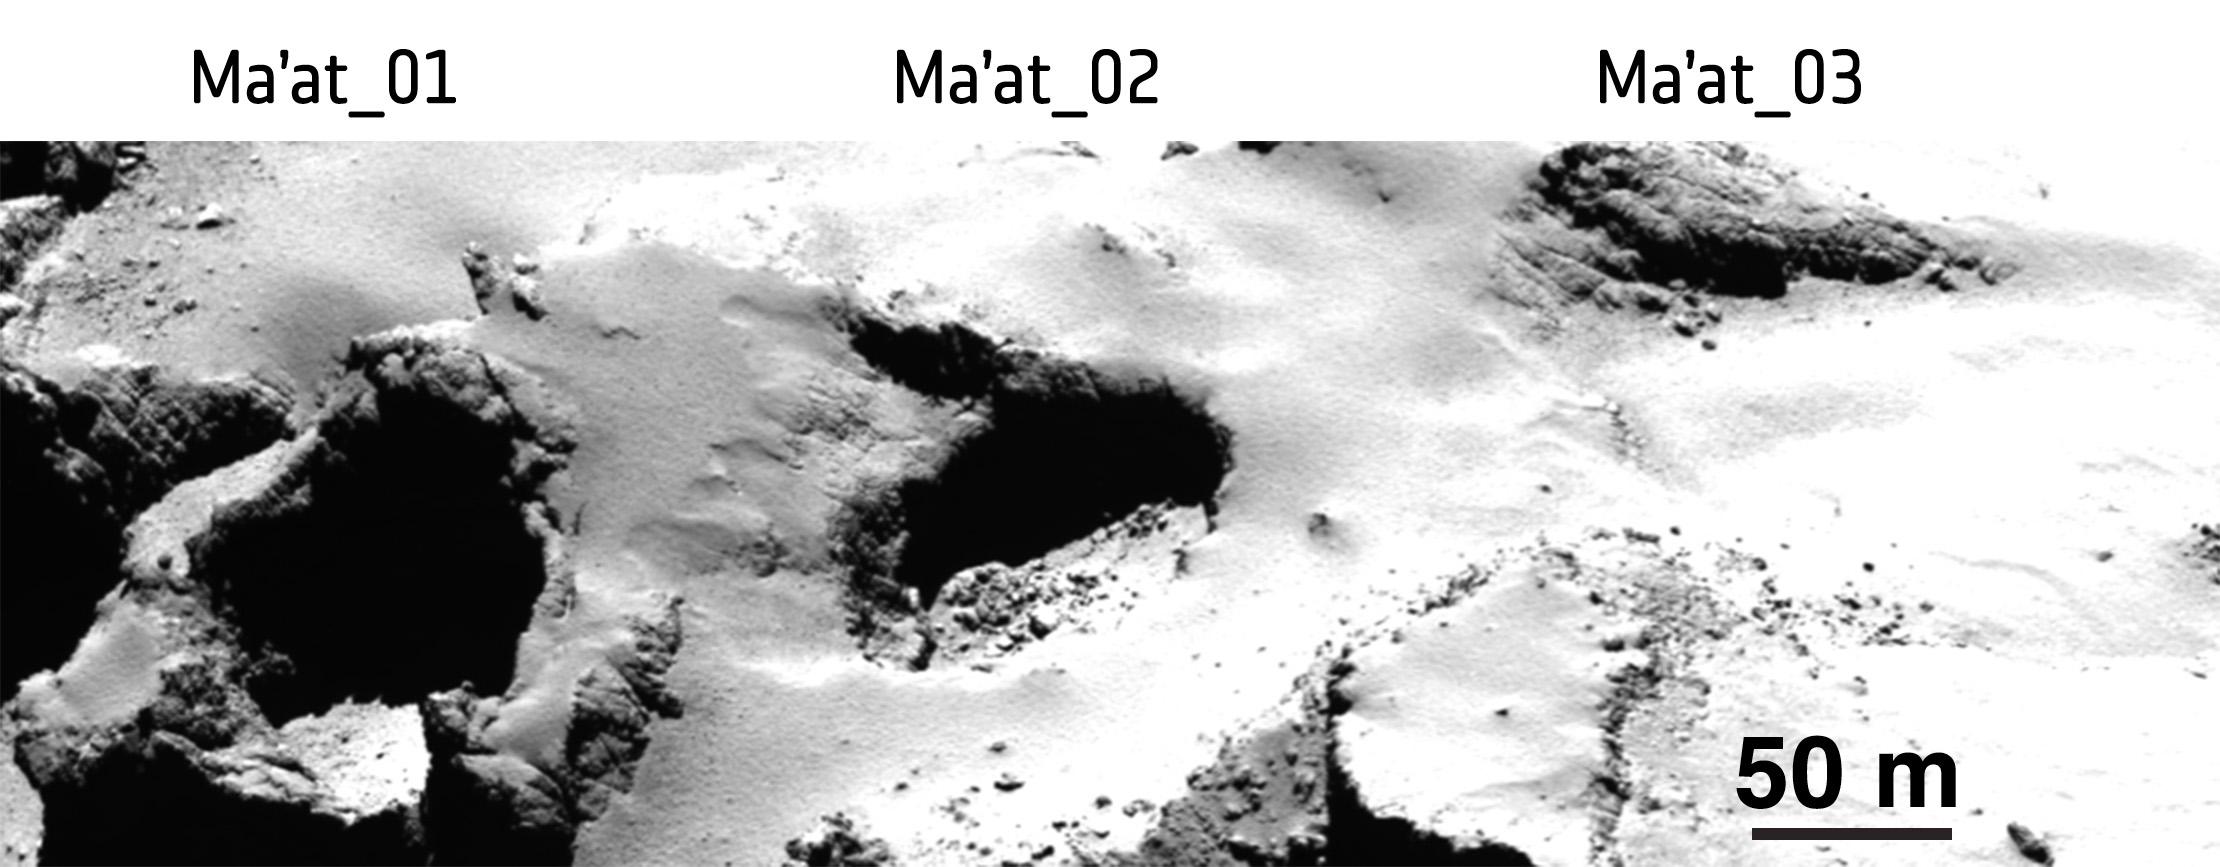 Le cavità Ma'at viste durante uno dei sorvoli ravvicinati di Rosetta. - (C) ESA/Rosetta/MPS for OSIRIS Team MPS/UPD/LAM/IAA/SSO/INTA/UPM/DASP/IDA